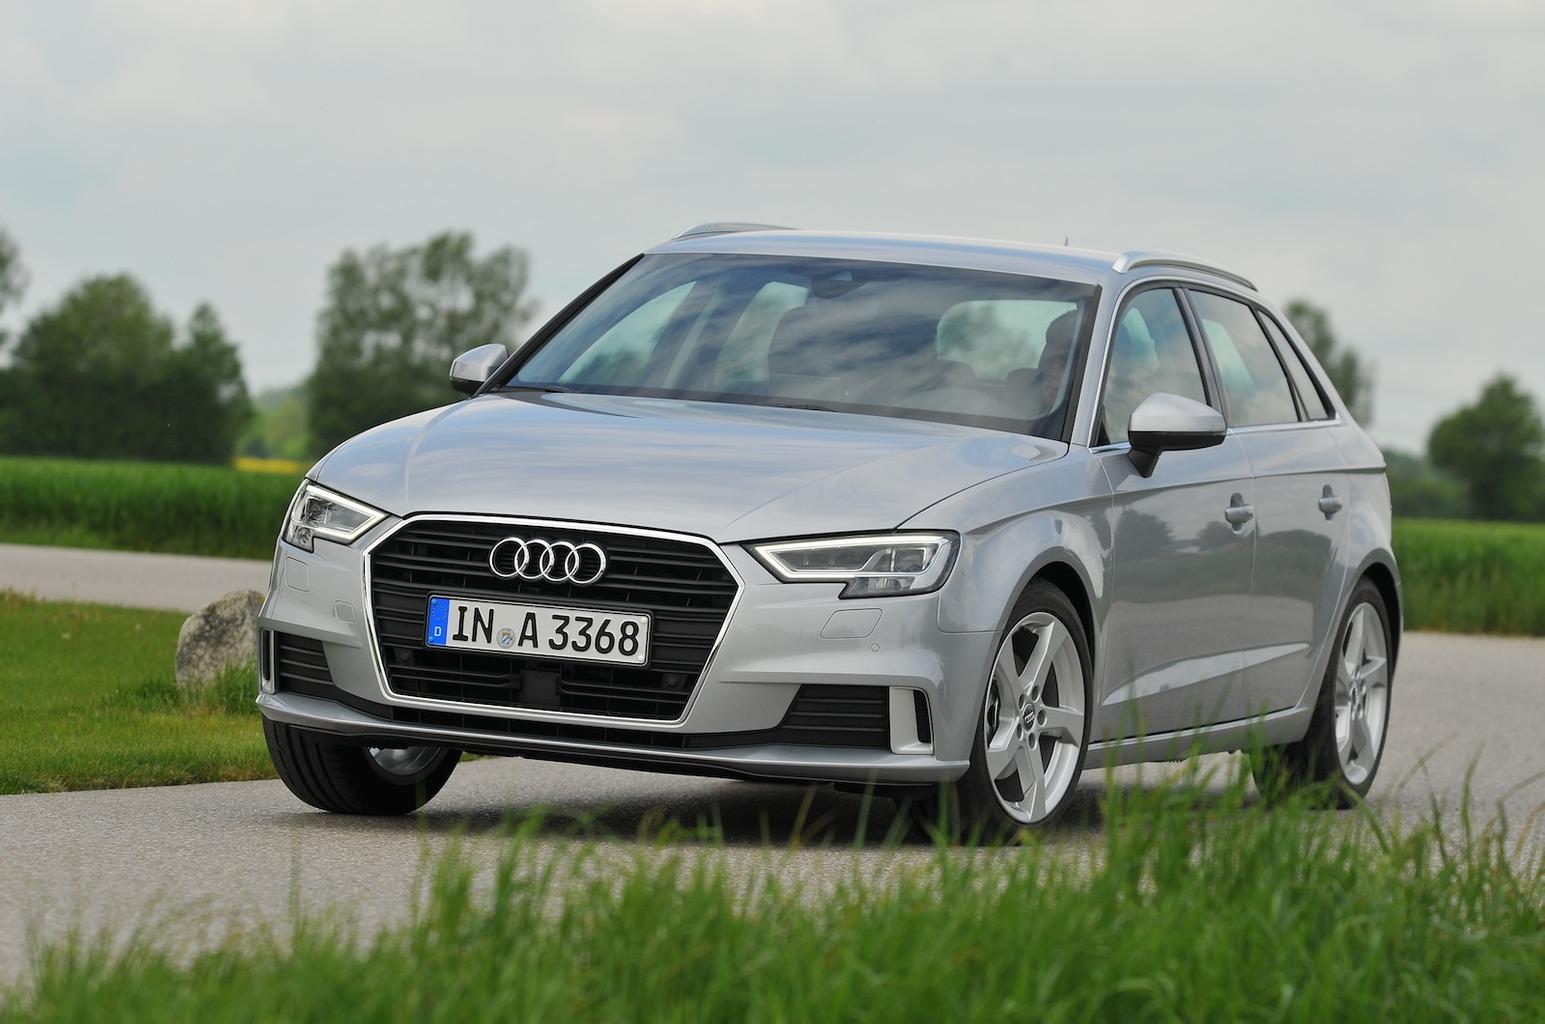 2016 Audi A3 Sportback 1.6 TDI review